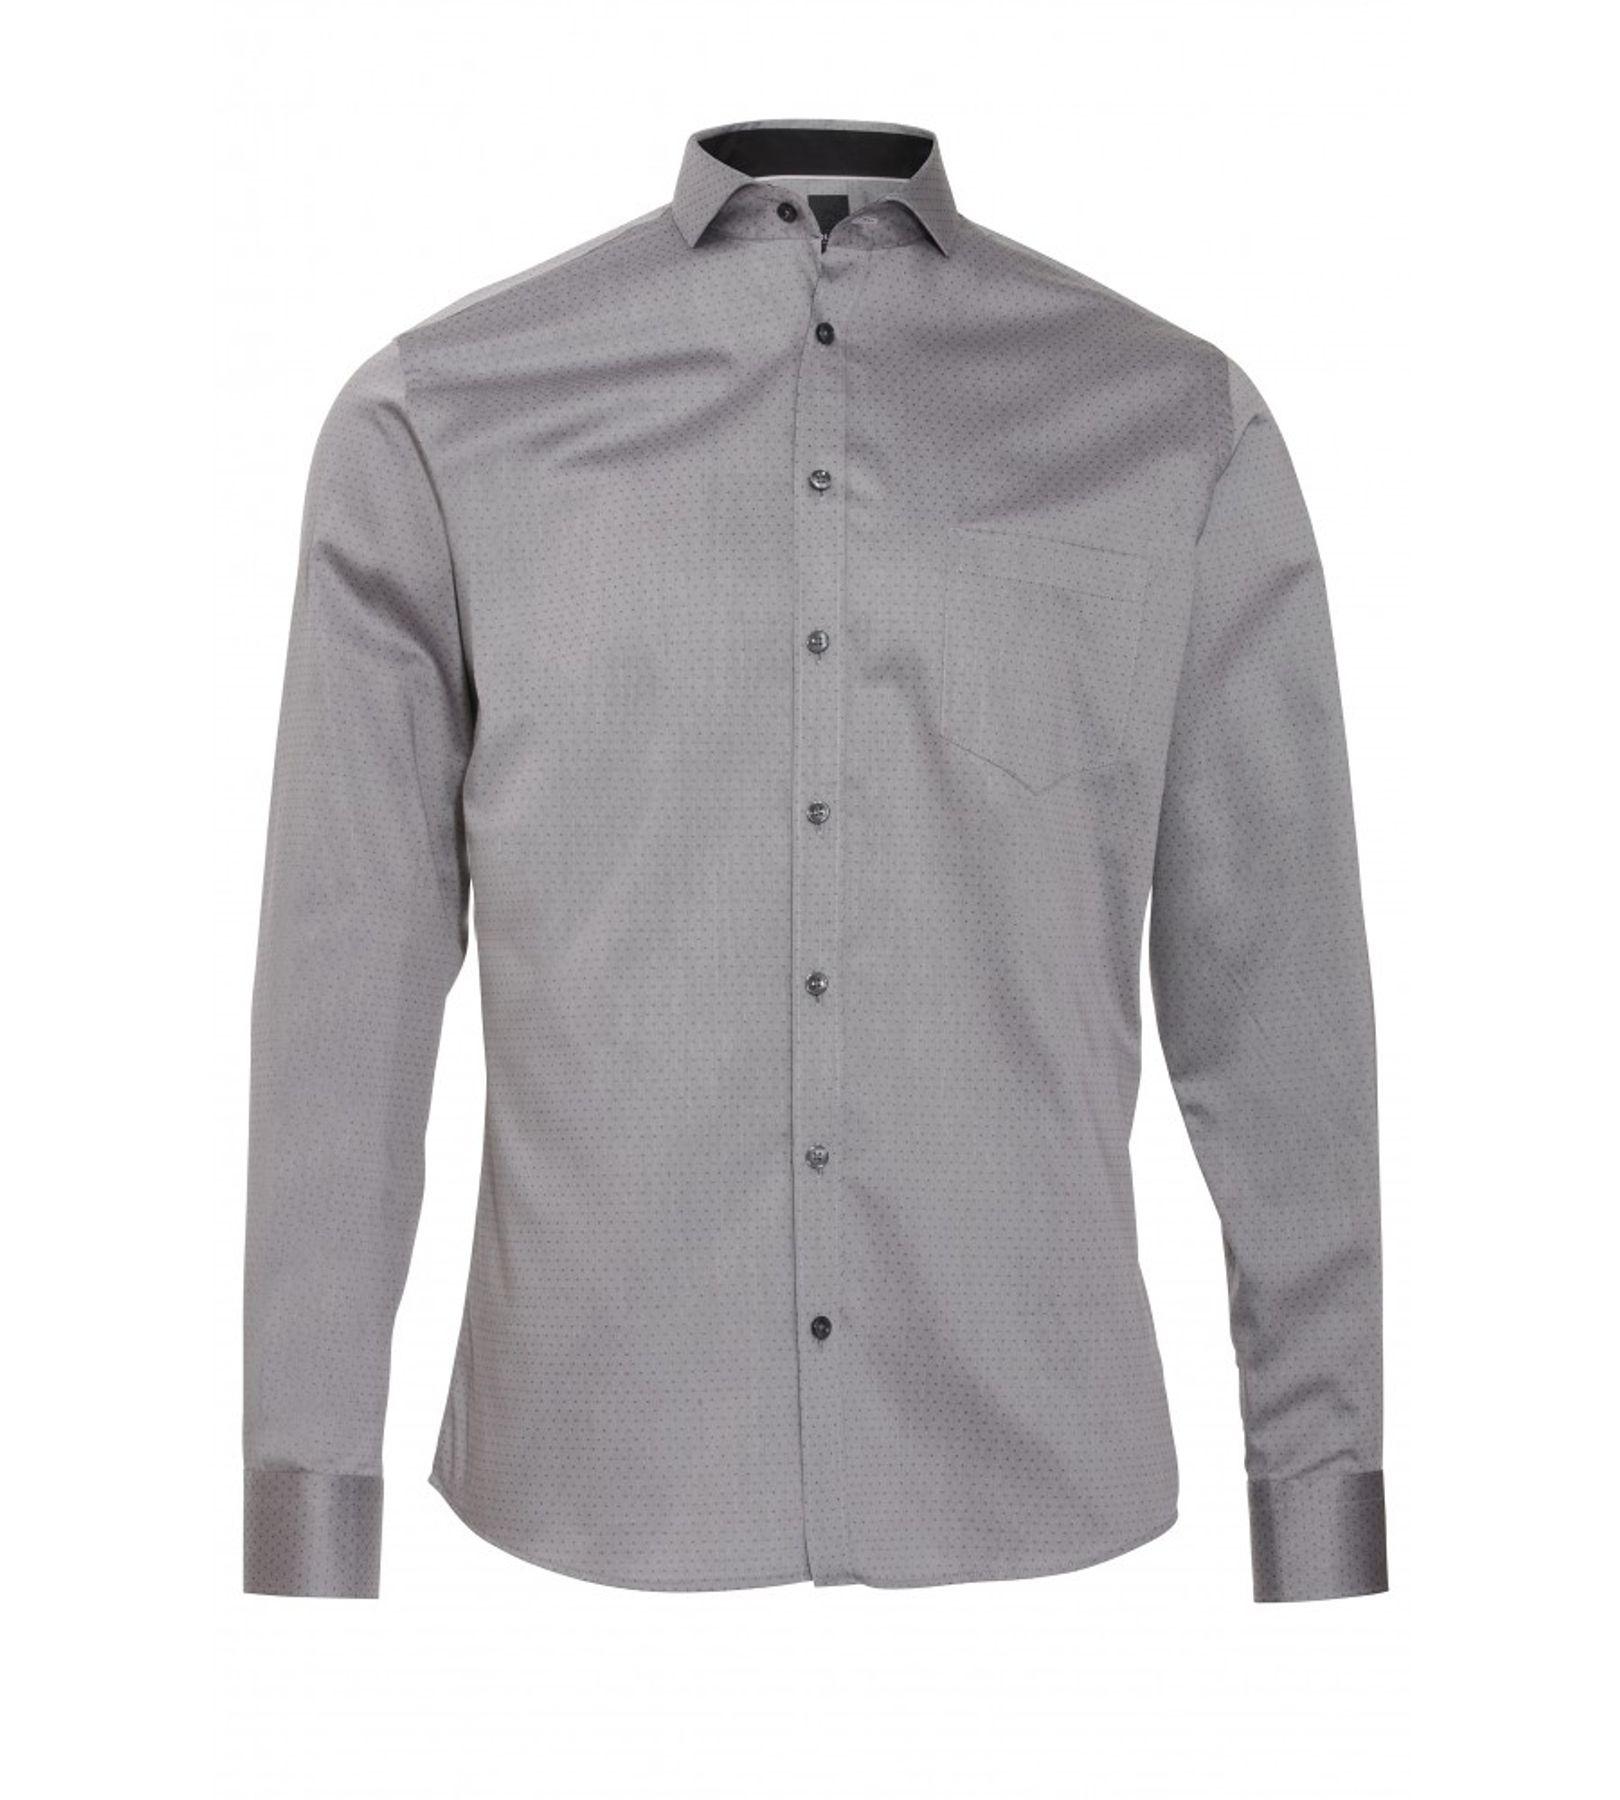 Pure - Slim Fit - Herren Langarm Hemd in verschiedenen Farben (3548 454) – Bild 1